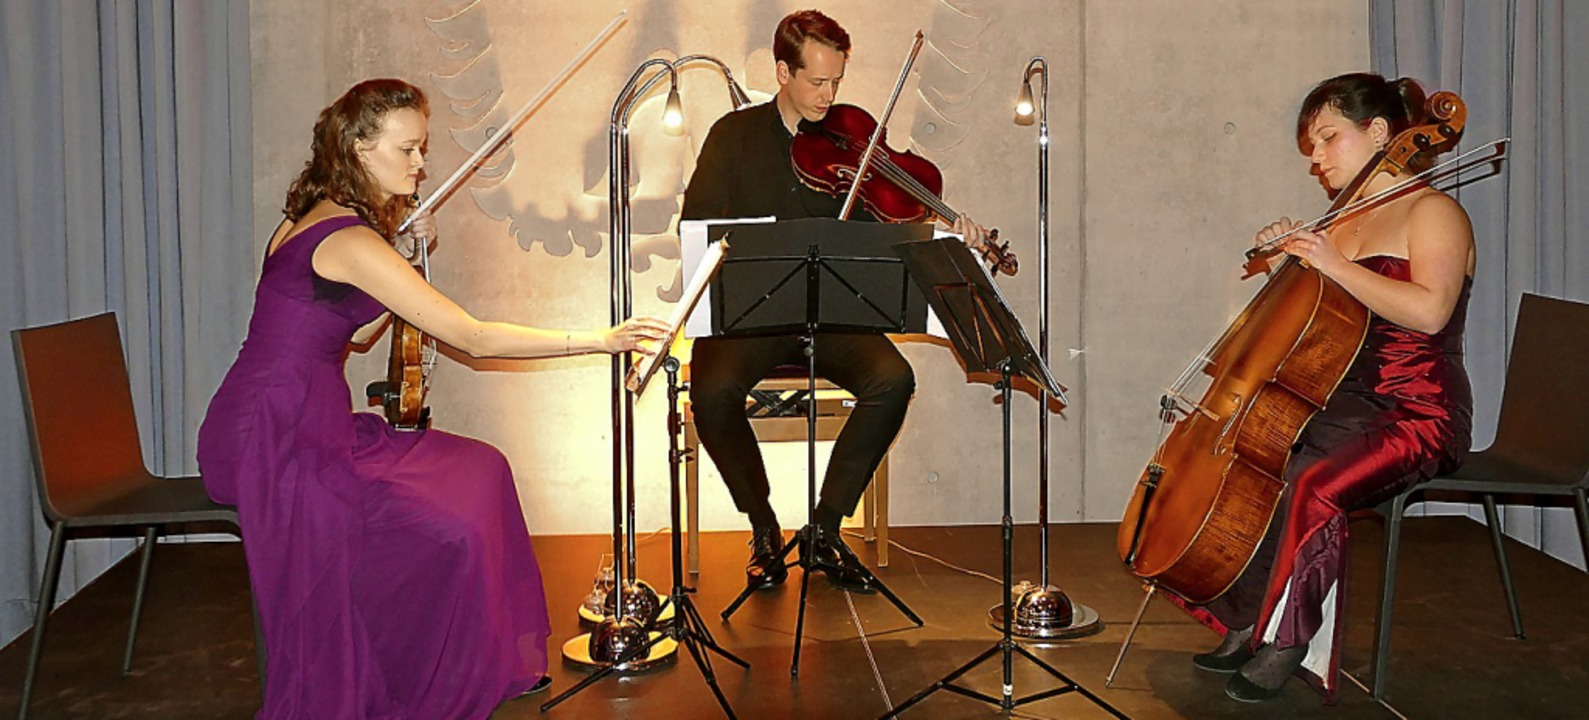 Ein beeindruckendes Konzert boten Hann...hie Herr (Violoncello) in Oberbergen.   | Foto: Frank Kreutner